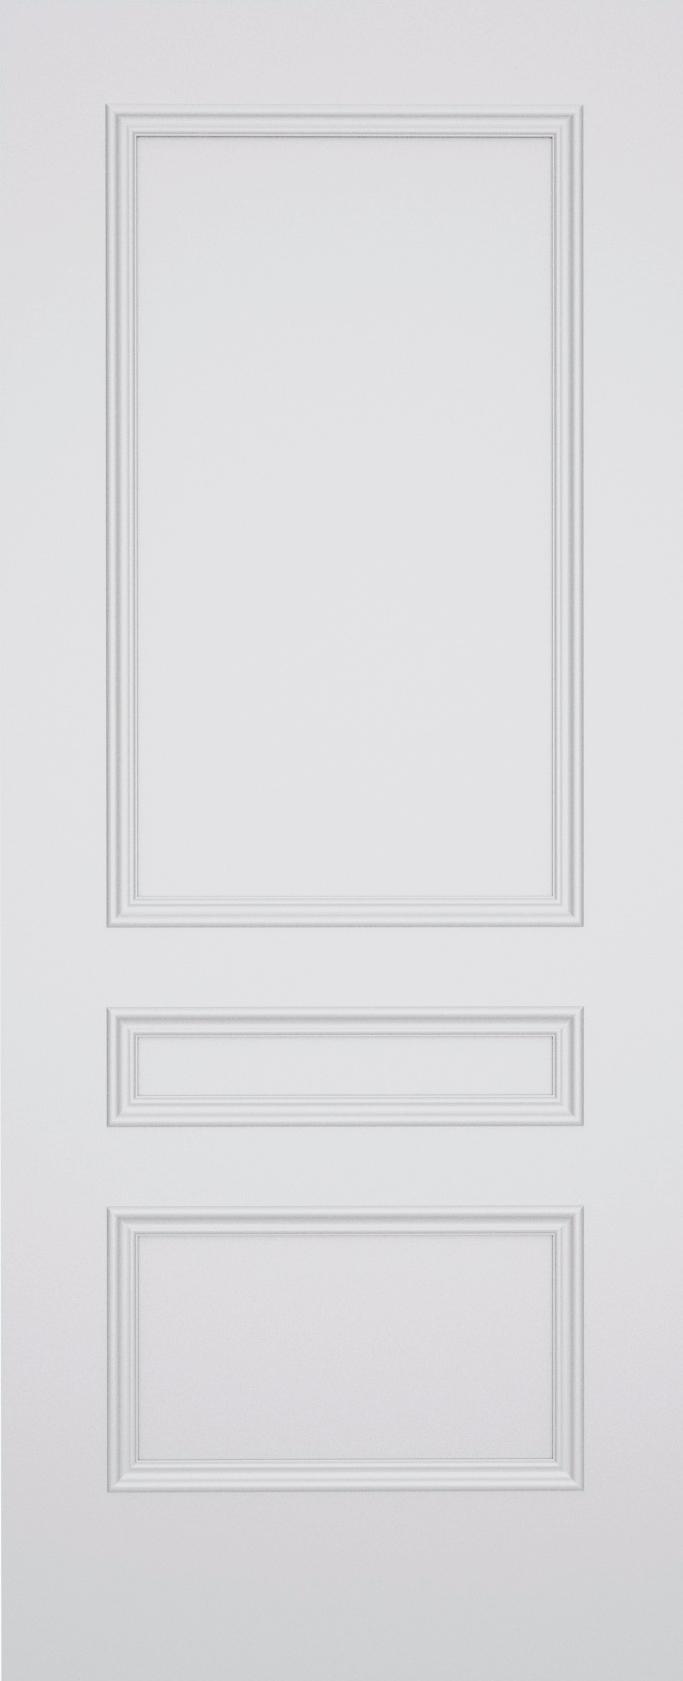 Kesh Cambridge 3 Panel Fire Door